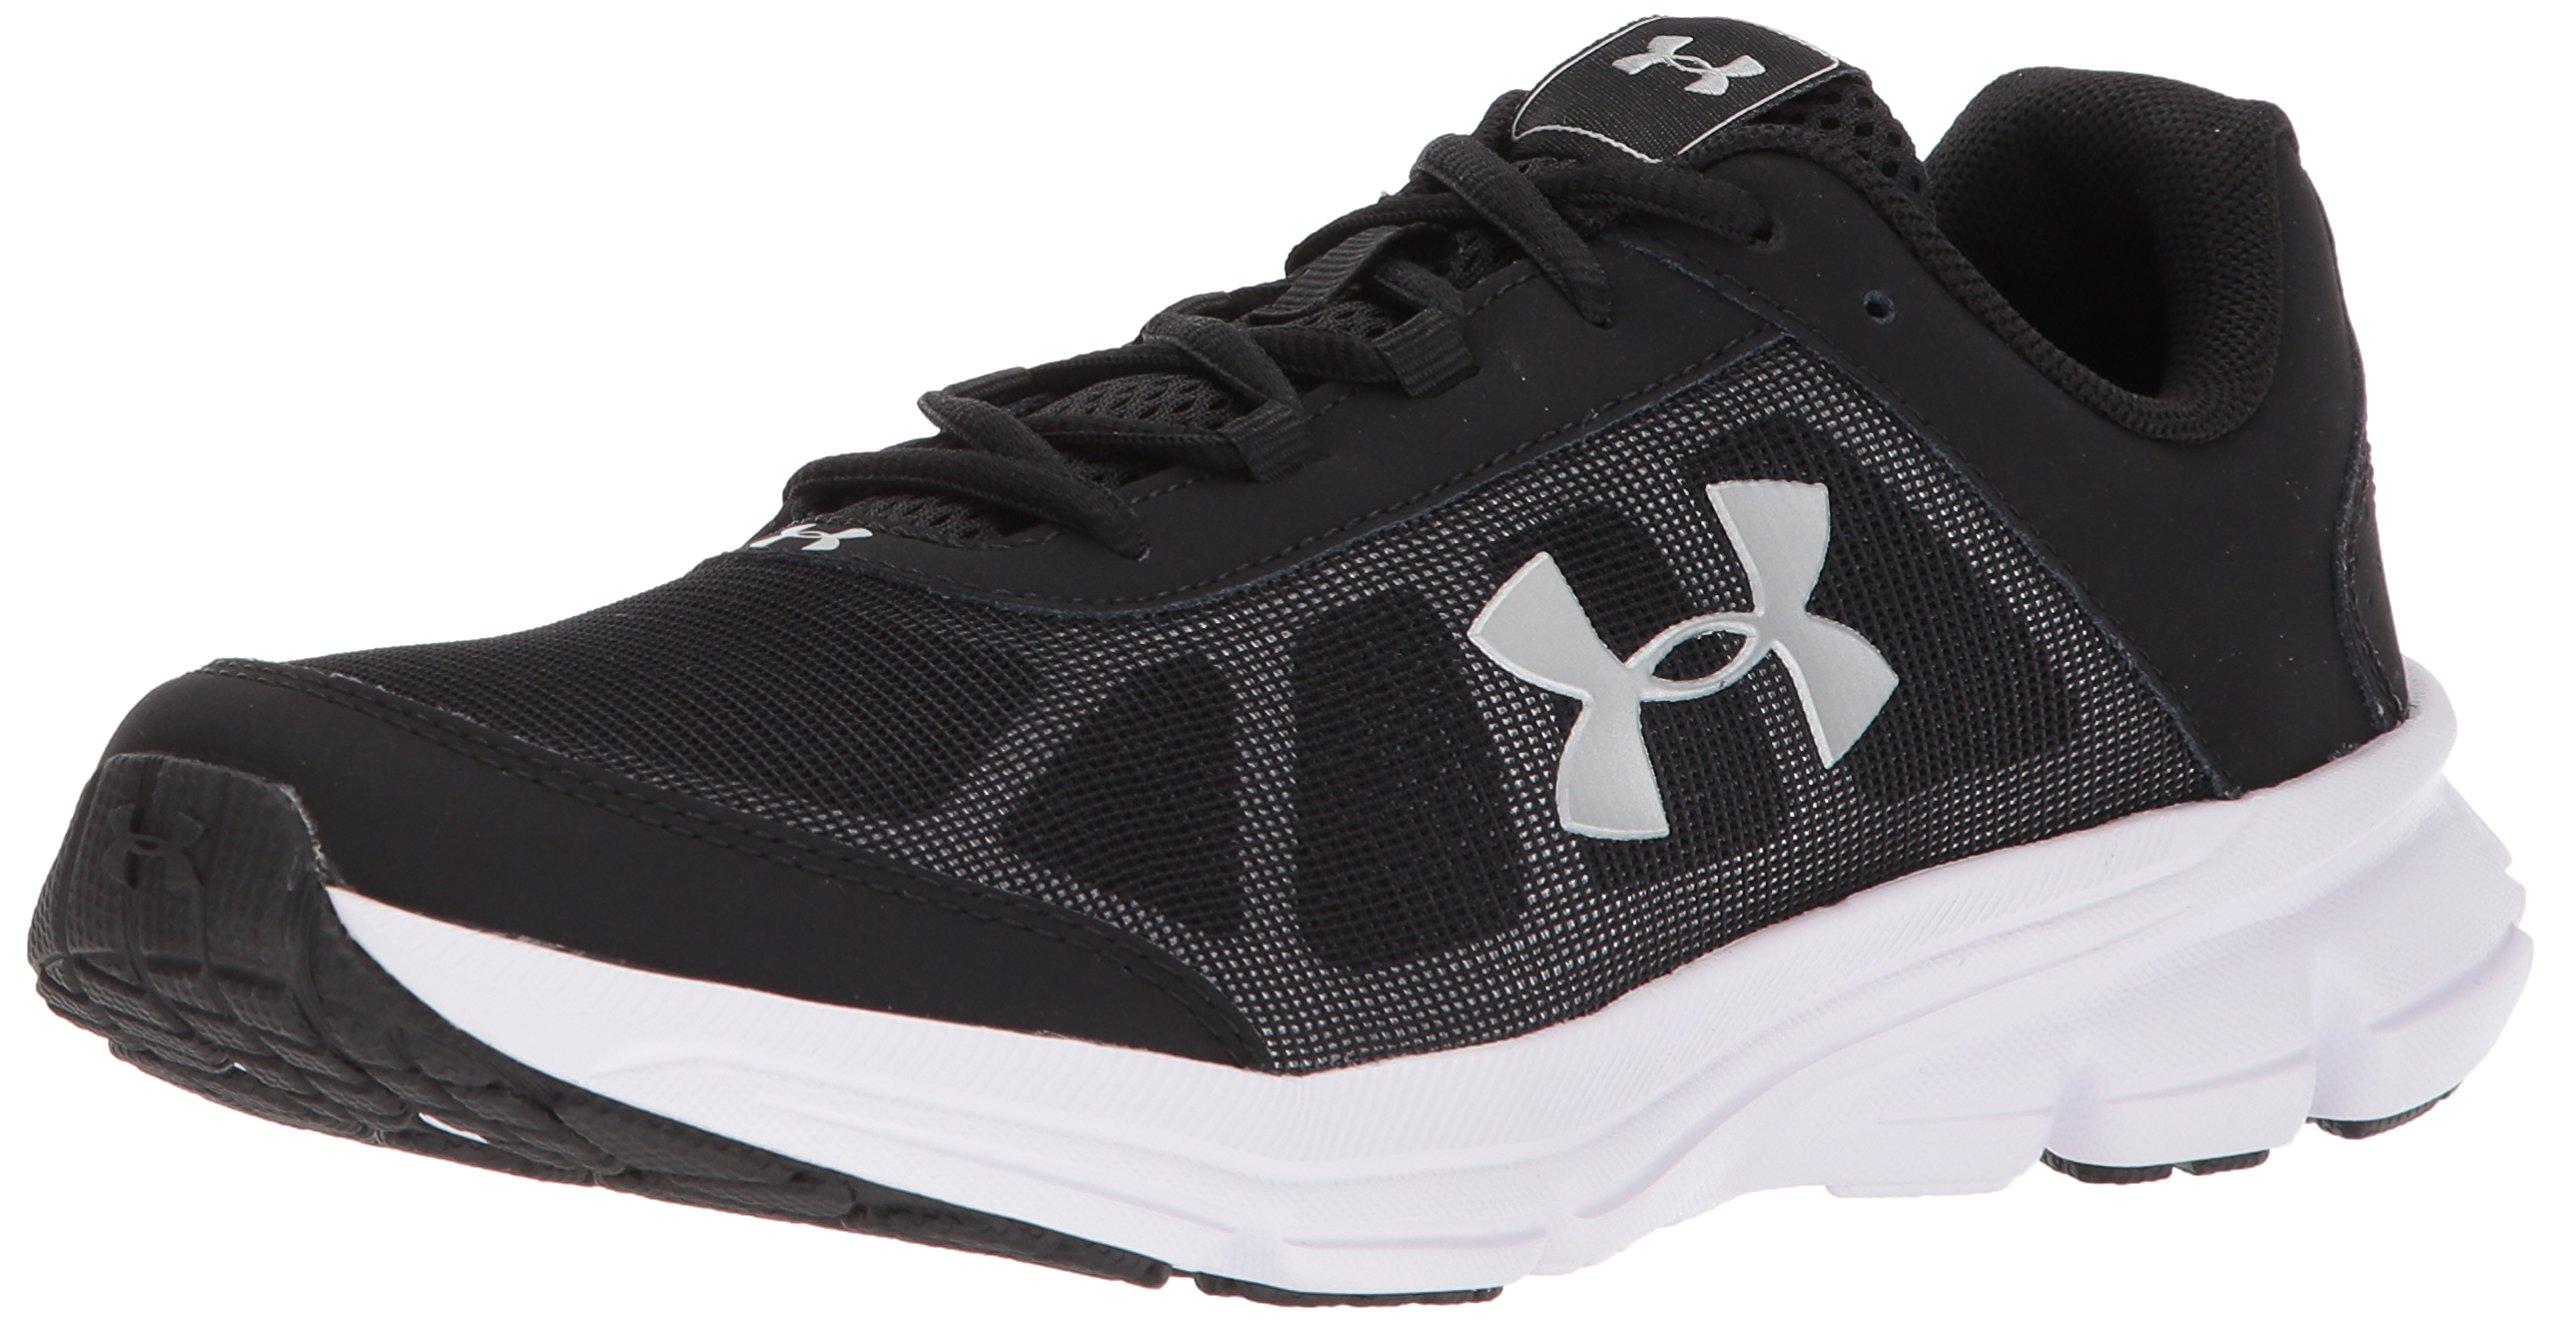 Under Armour Girls' Grade School Rave 2 Sneaker Black (001)/White 4